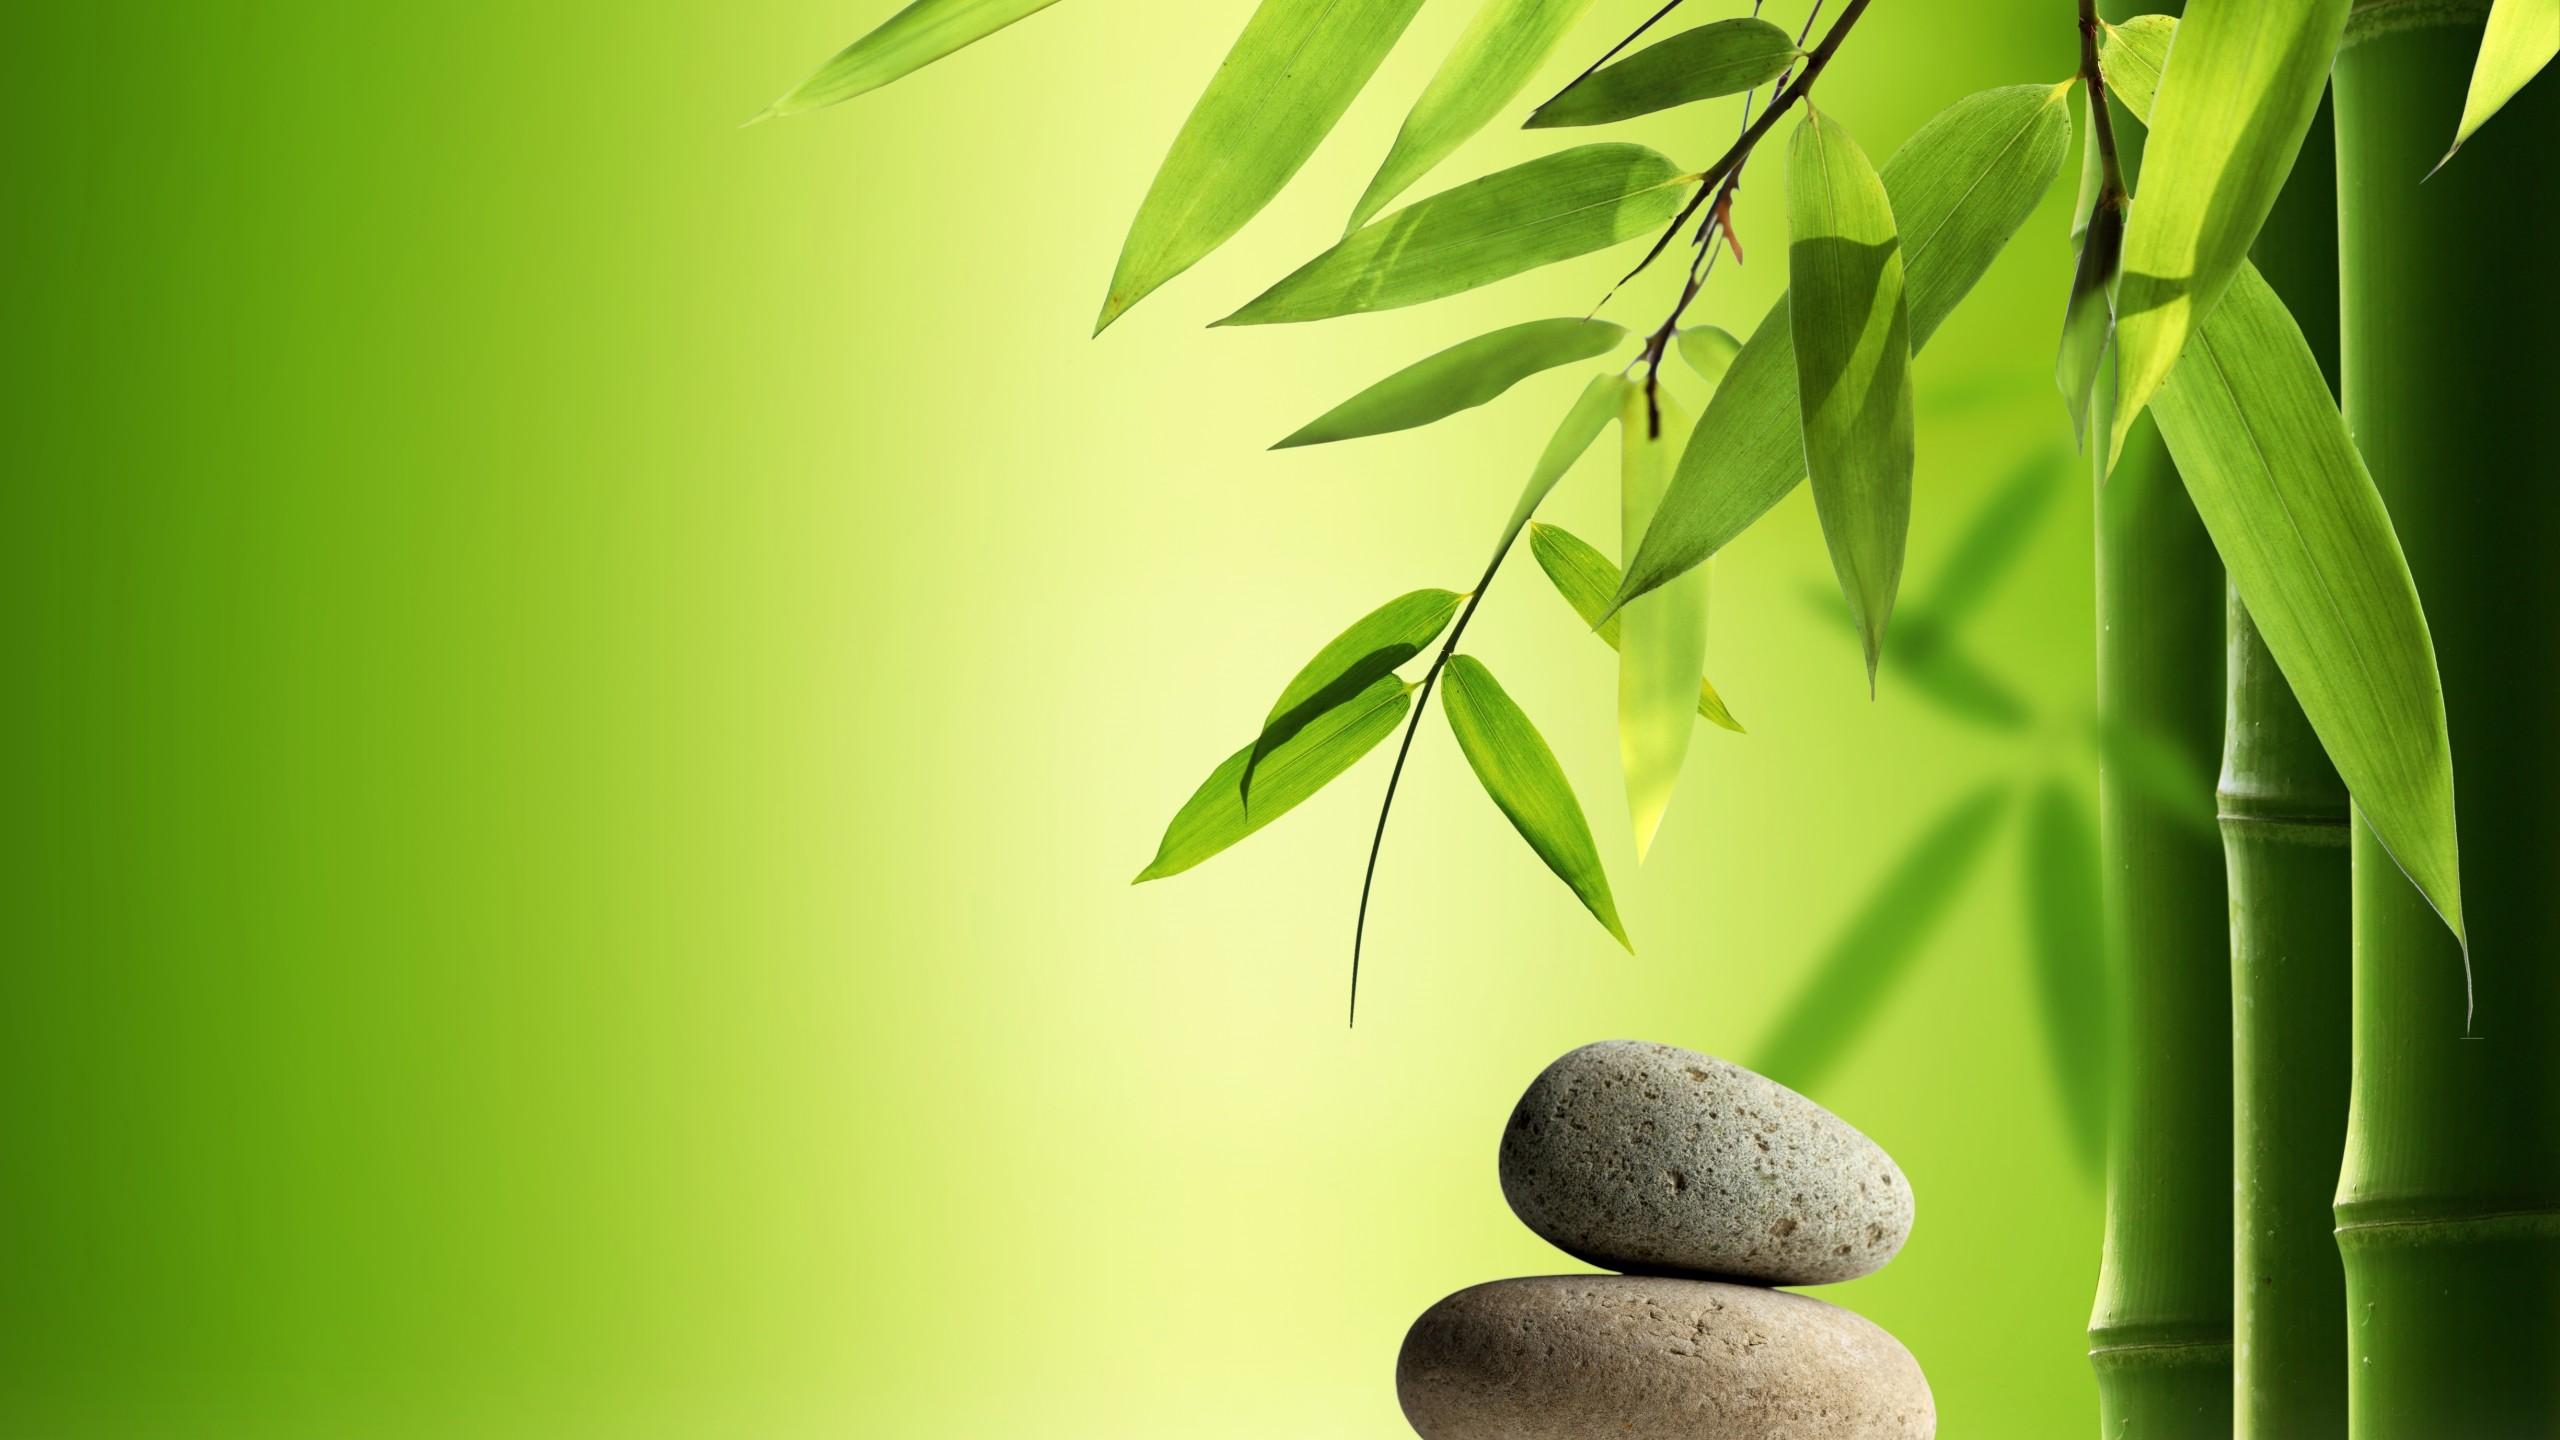 Zen Desktop Wallpaper Zen Wallpaper for Comp...